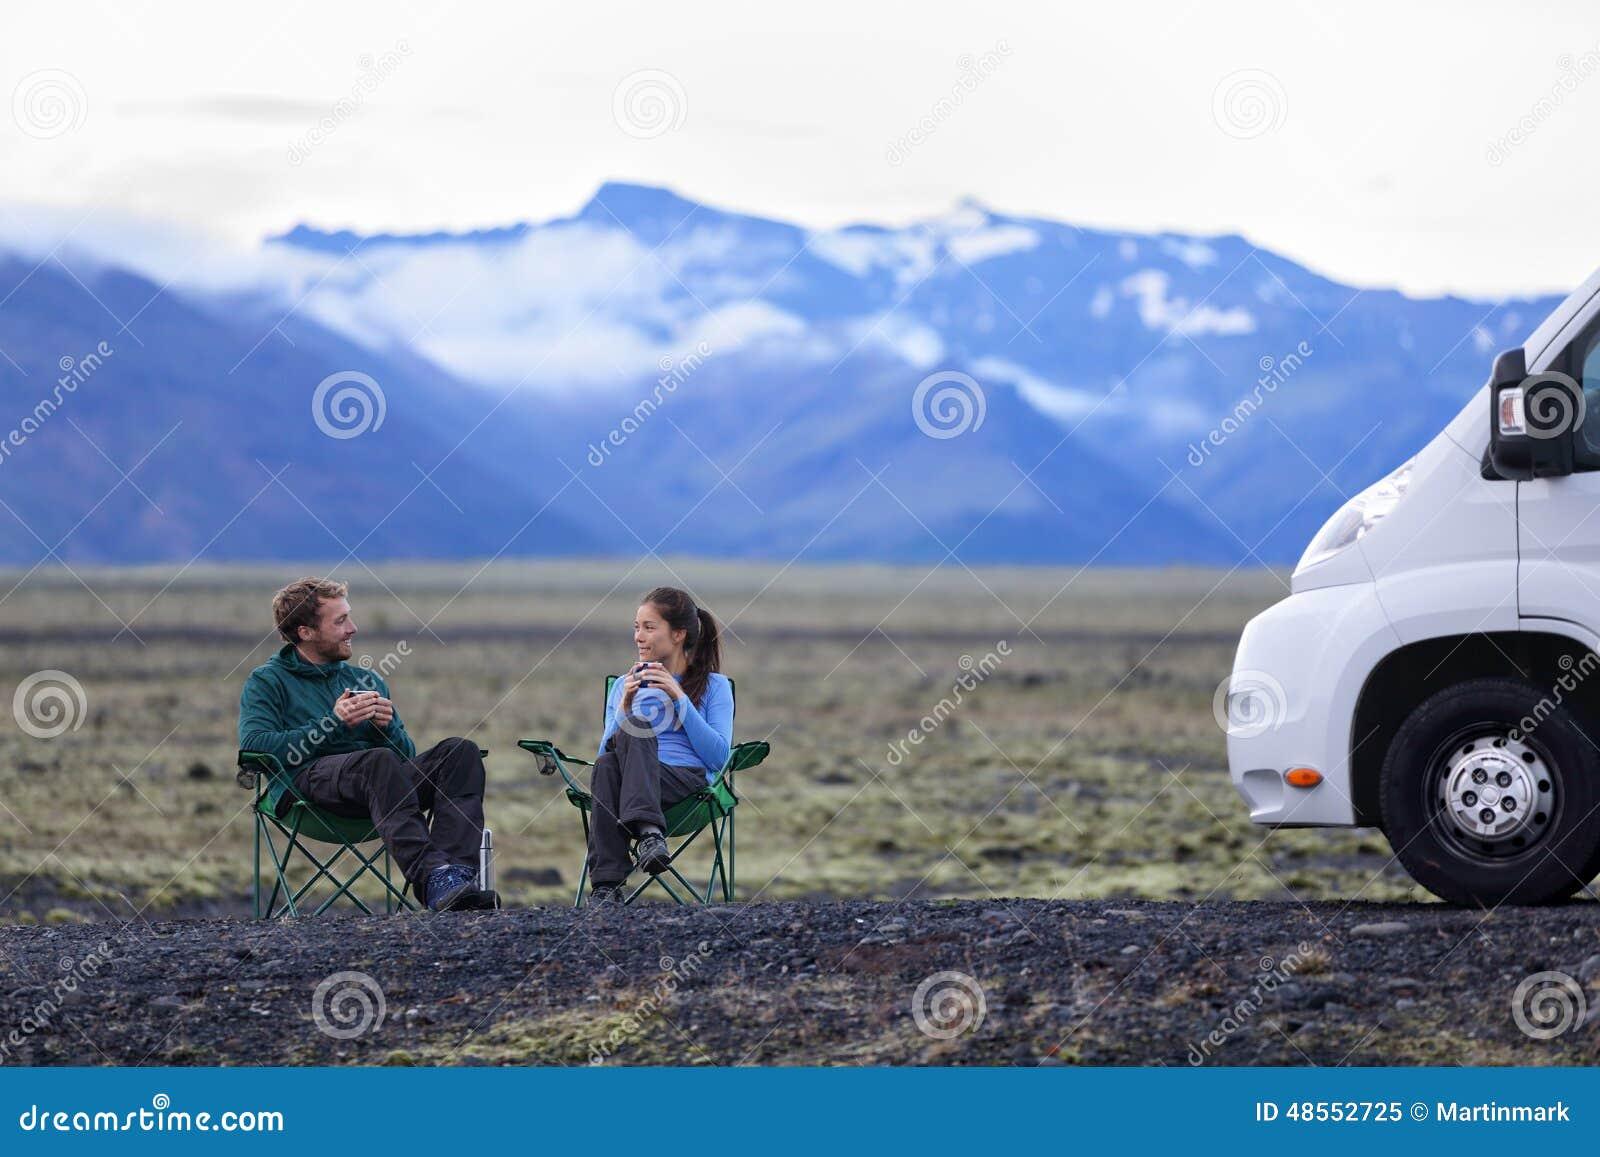 Reispaar door mobiel campervan motorhuis rv